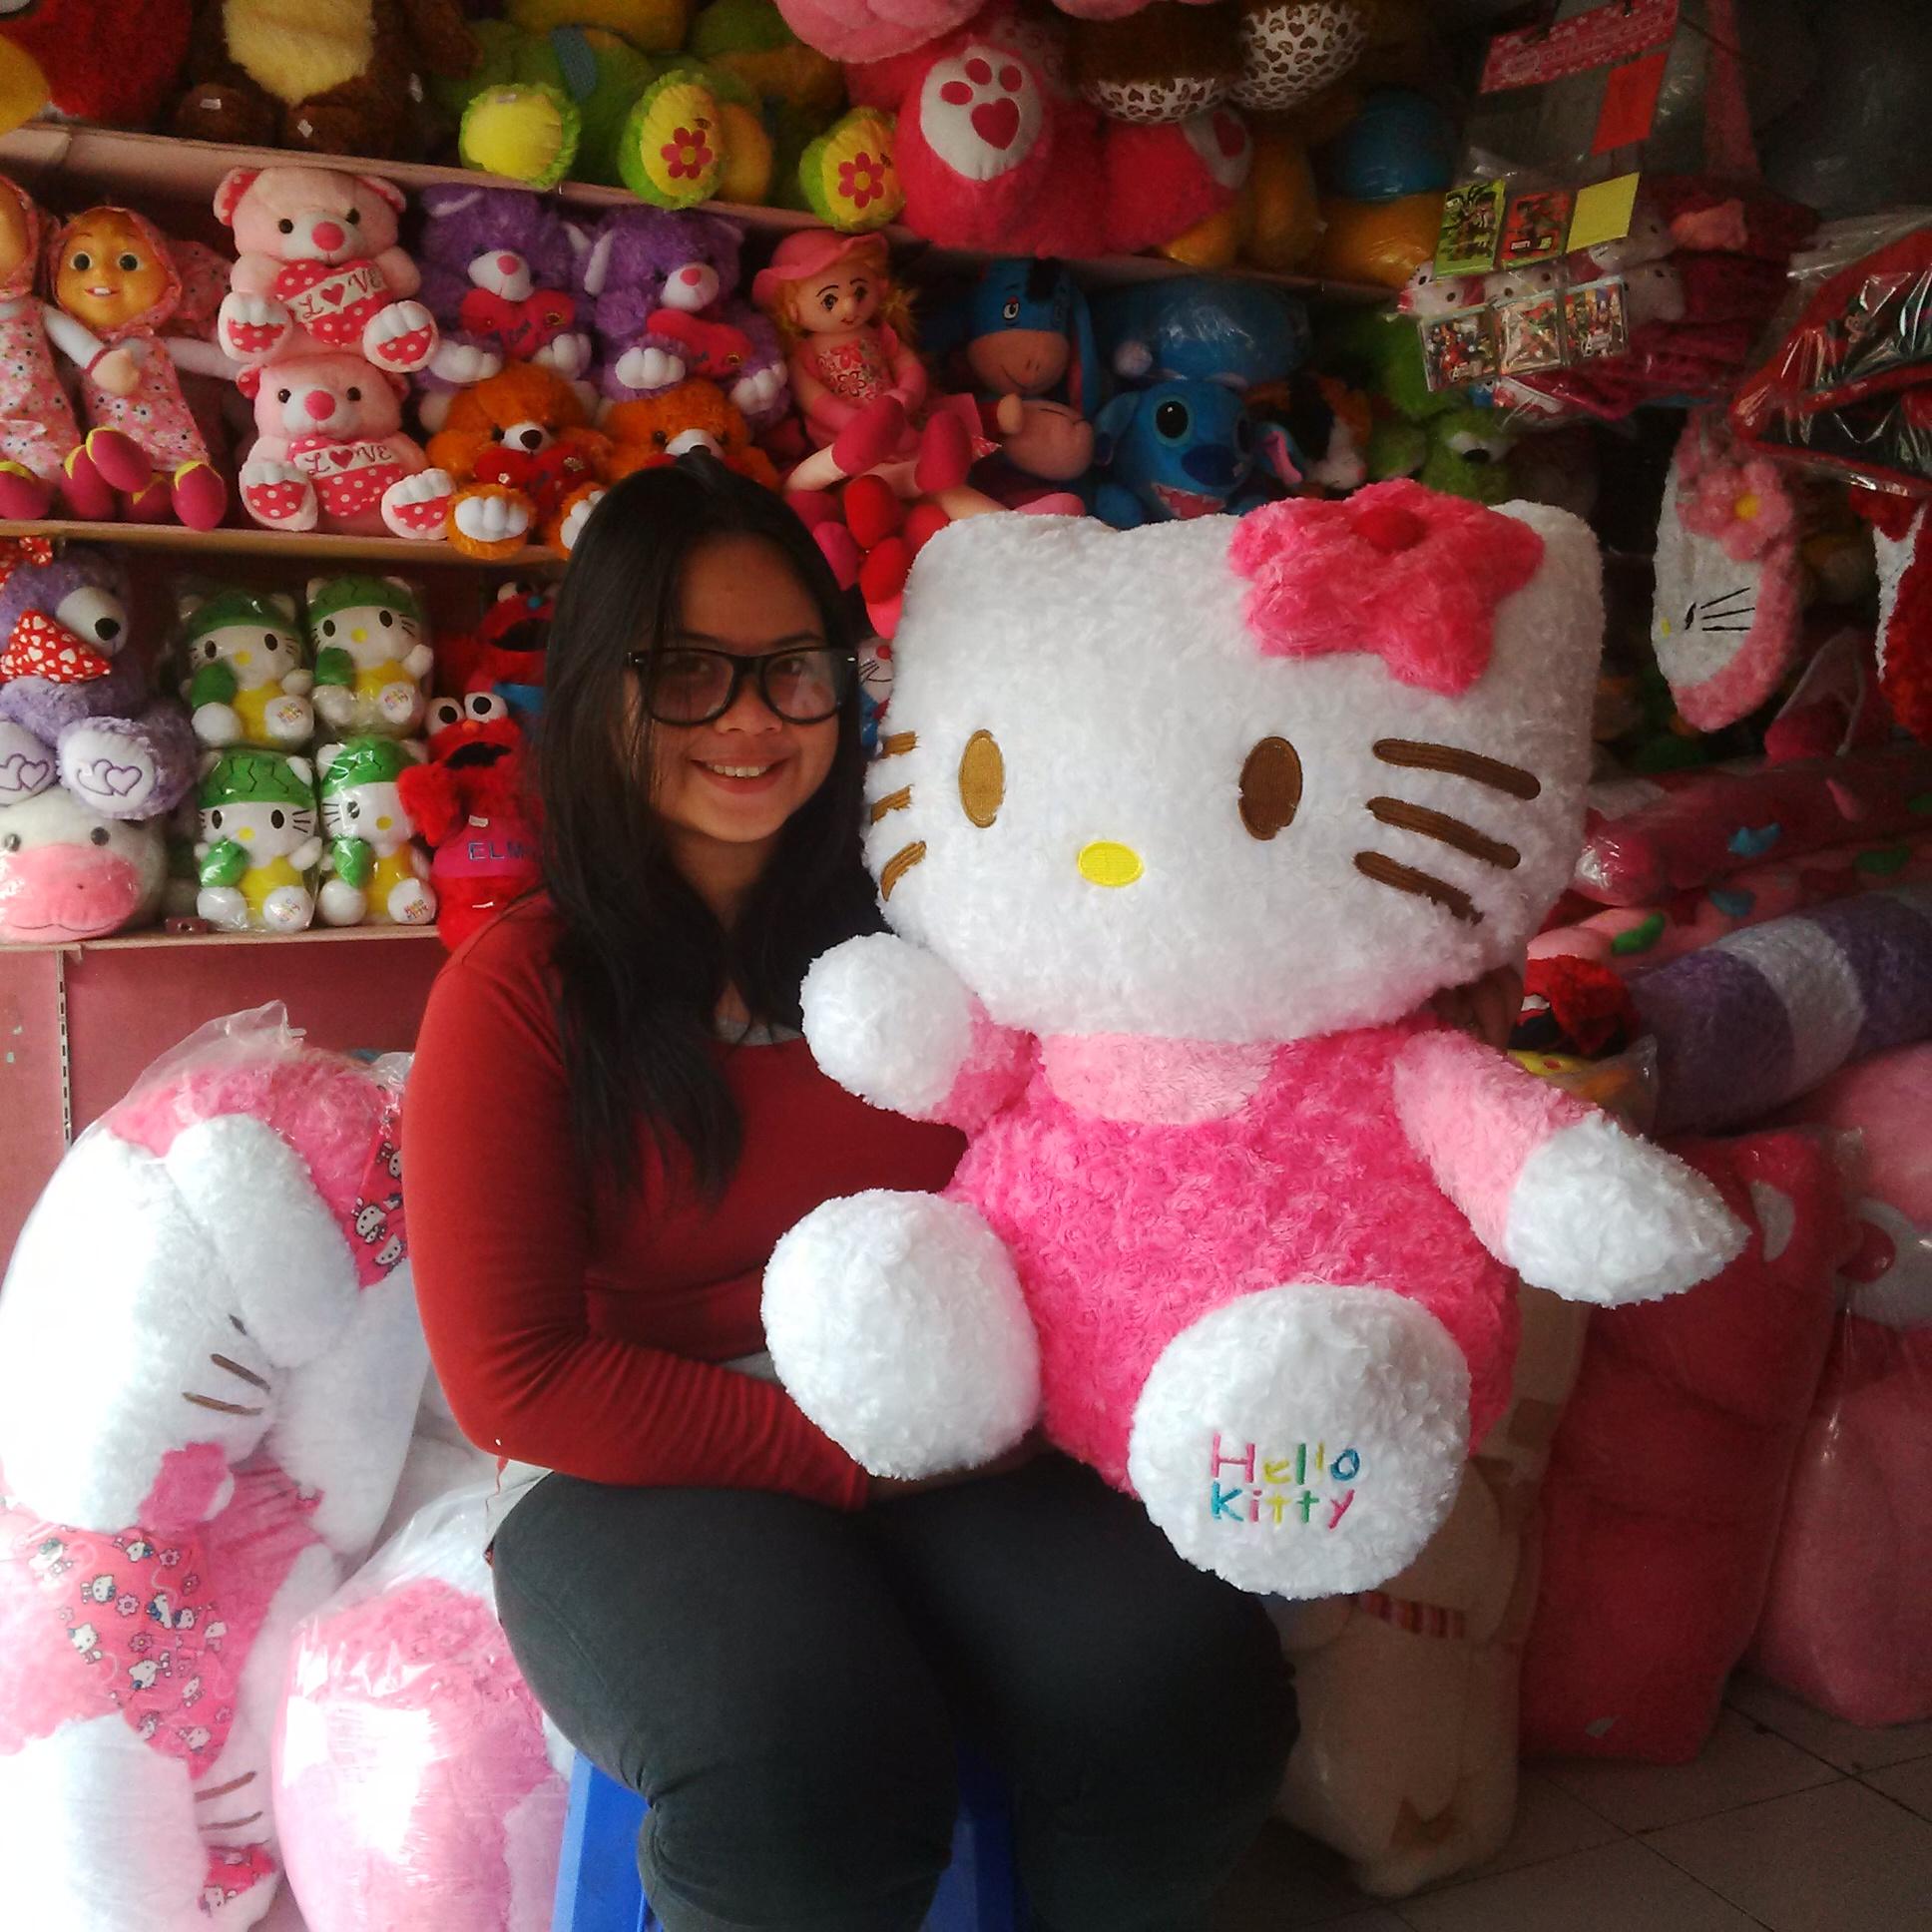 Boneka Hello Kitty Jumbo Love Daftar Harga Terbaru Dan Terlengkap 1 Jual Duduk Eldatoys Tokopedia Harganya